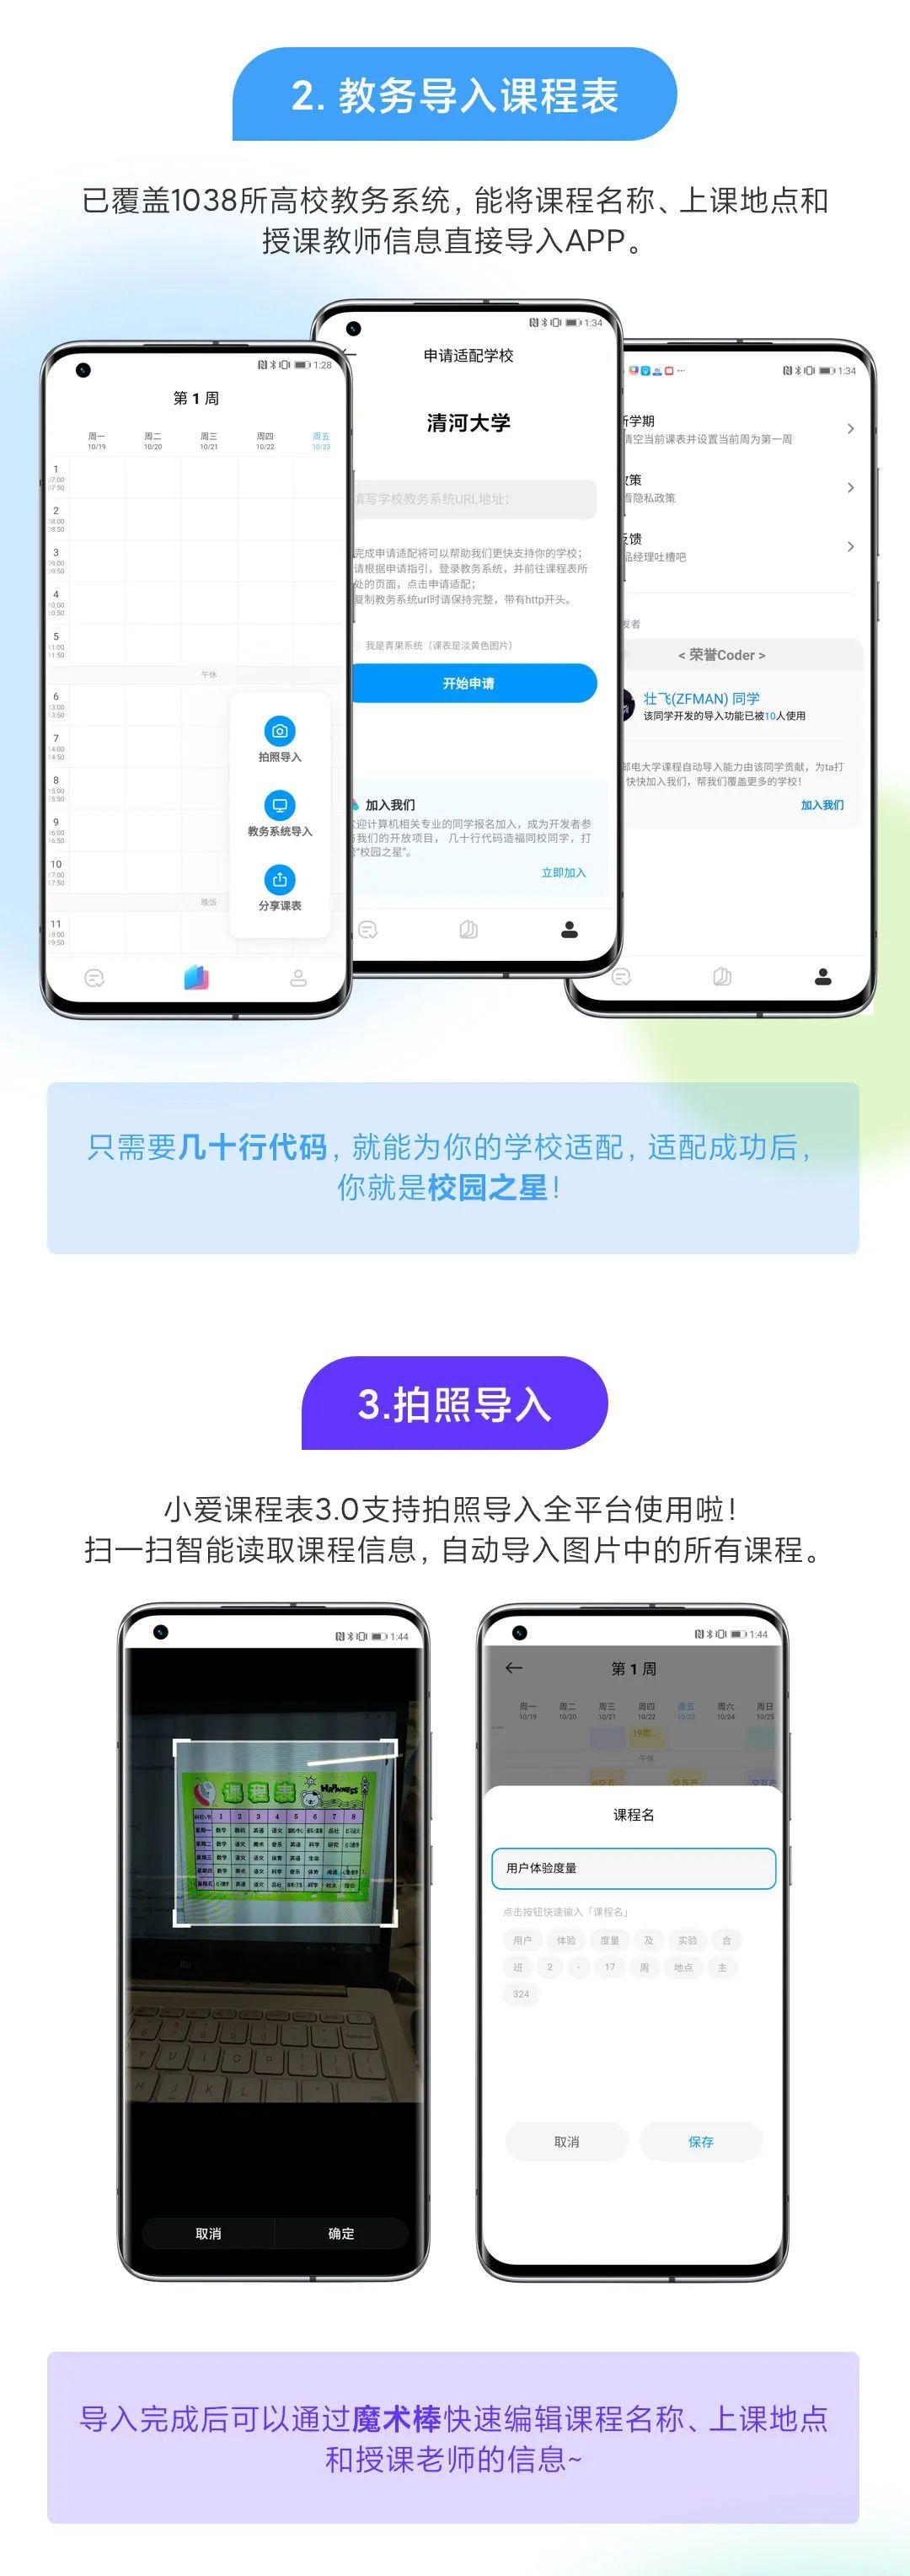 图片[2]-小爱课程表 3.0 发布:所有手机都能用,覆盖 1038 所学校-兀云资源网